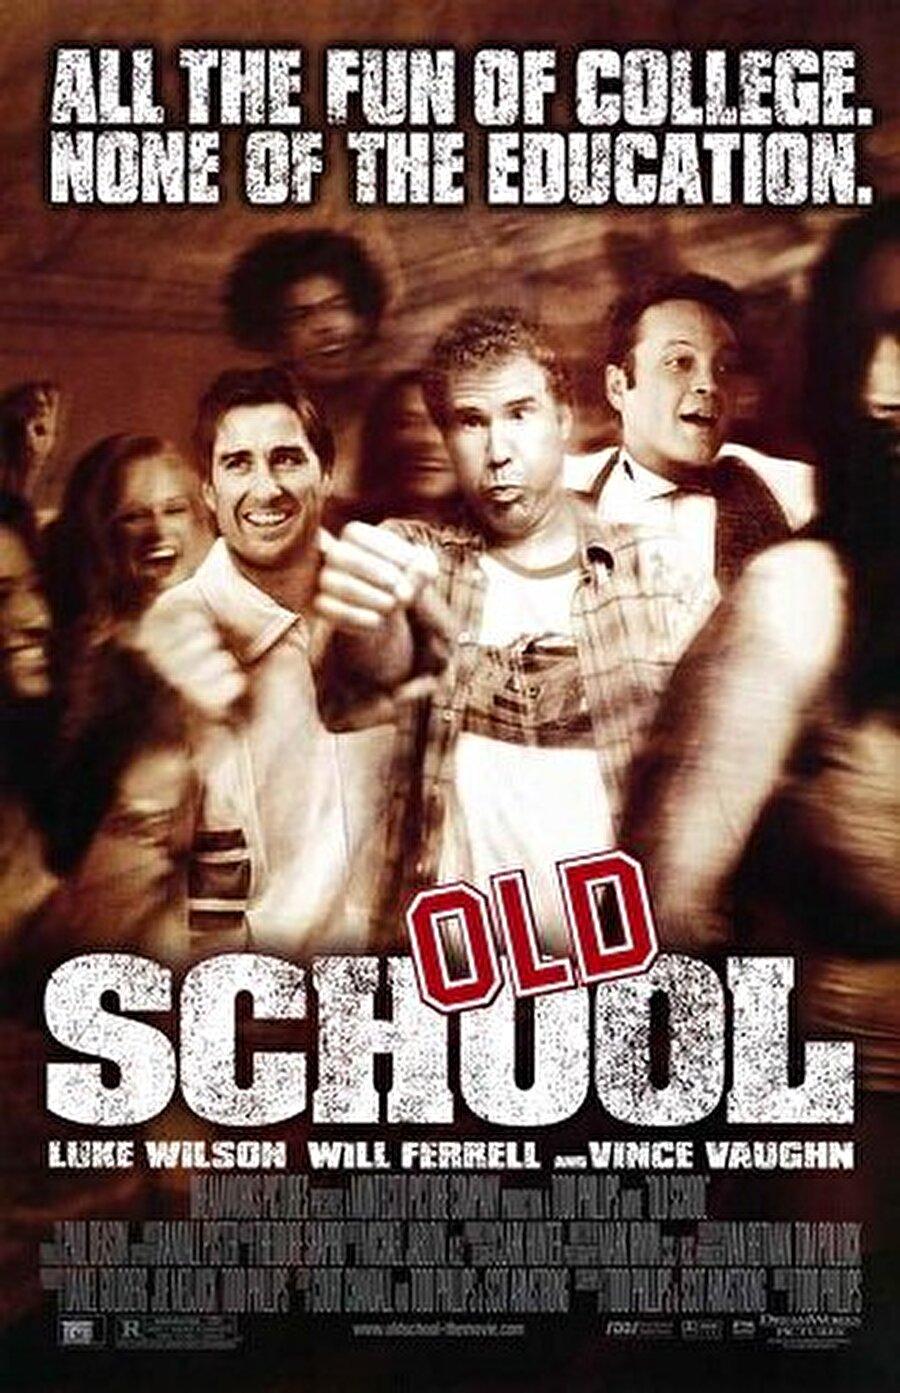 1.Old School (2003)                                                                           Hayatınız sıkıcı, çekilmez bir seyir izlemeye başladığında, eski günlere dönmek istediğiniz oldu mu hiç? Peki okul günlerine geri dönmek ister misiniz? Merak etmeyin sıkıcı dersler ve hocalar yok. Derslerin olmadığı bir okul dönemi düşleyin... Geyik Muhabbeti (Road Trip) yönetmeni, bu  filminde geyikçilerin on yıl sonraki durumlarına odaklanıyor. Şatafatlı bir okul dönemi geçiren, yaşı otuzlarında üç kafadar, eski günlerdeki tat ve dokuyu yeniden yakalamak isterler. Derslerden bağımsız, yani çekirdeksiz bir okul dönemi yaratıp kendilerini oraya kilitlemek en büyük hayalleridir.